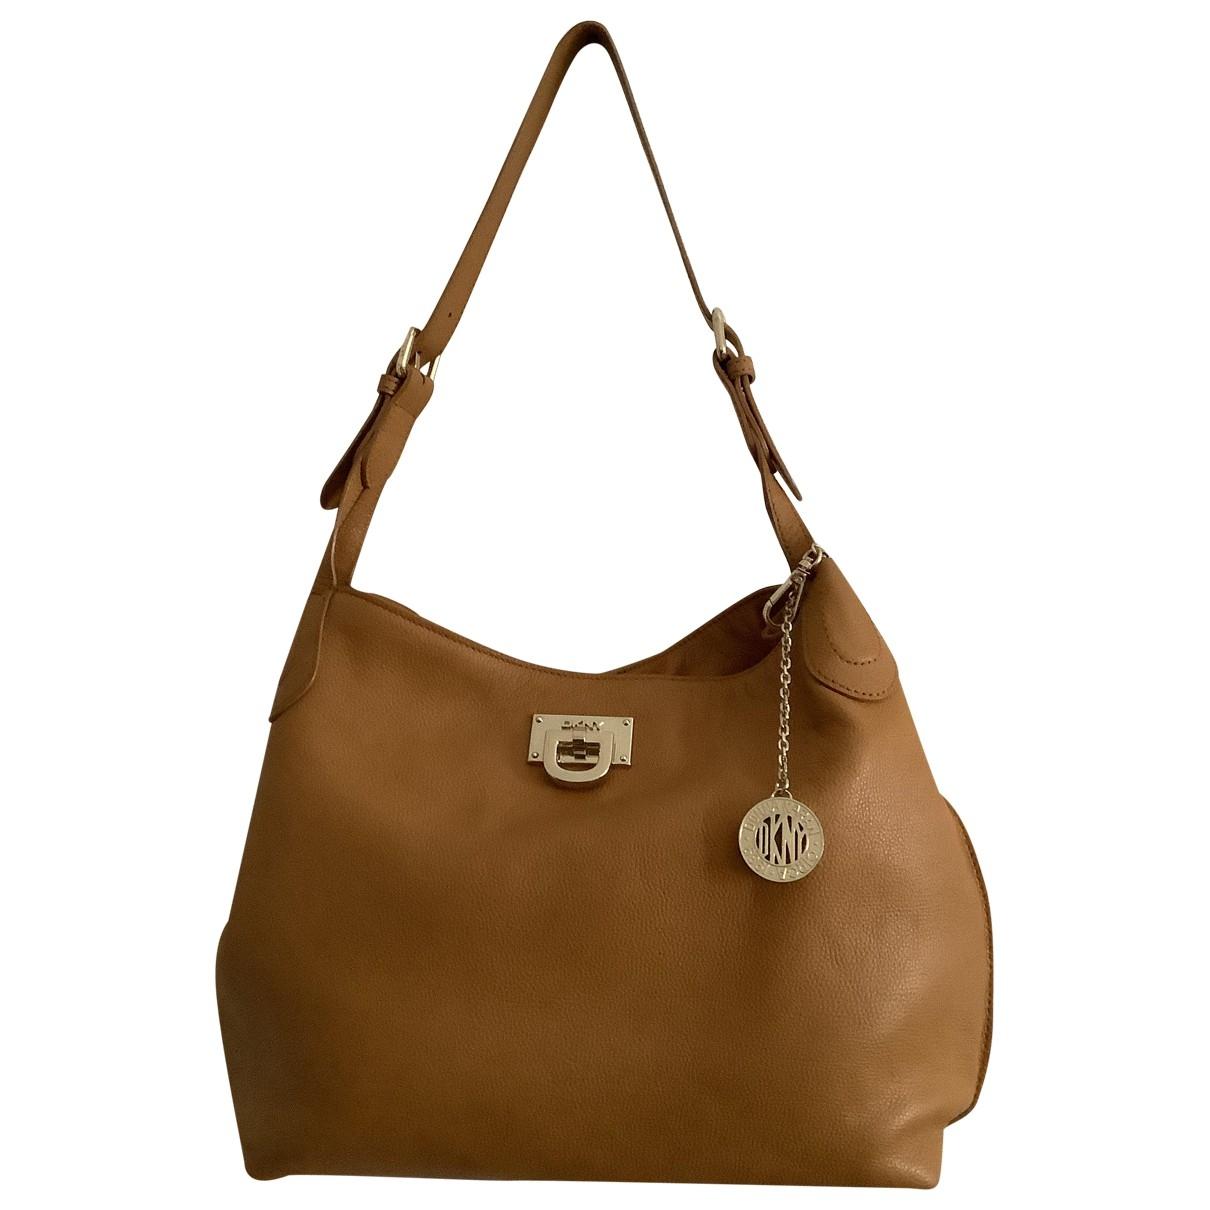 Dkny \N Handtasche in  Orange Leder